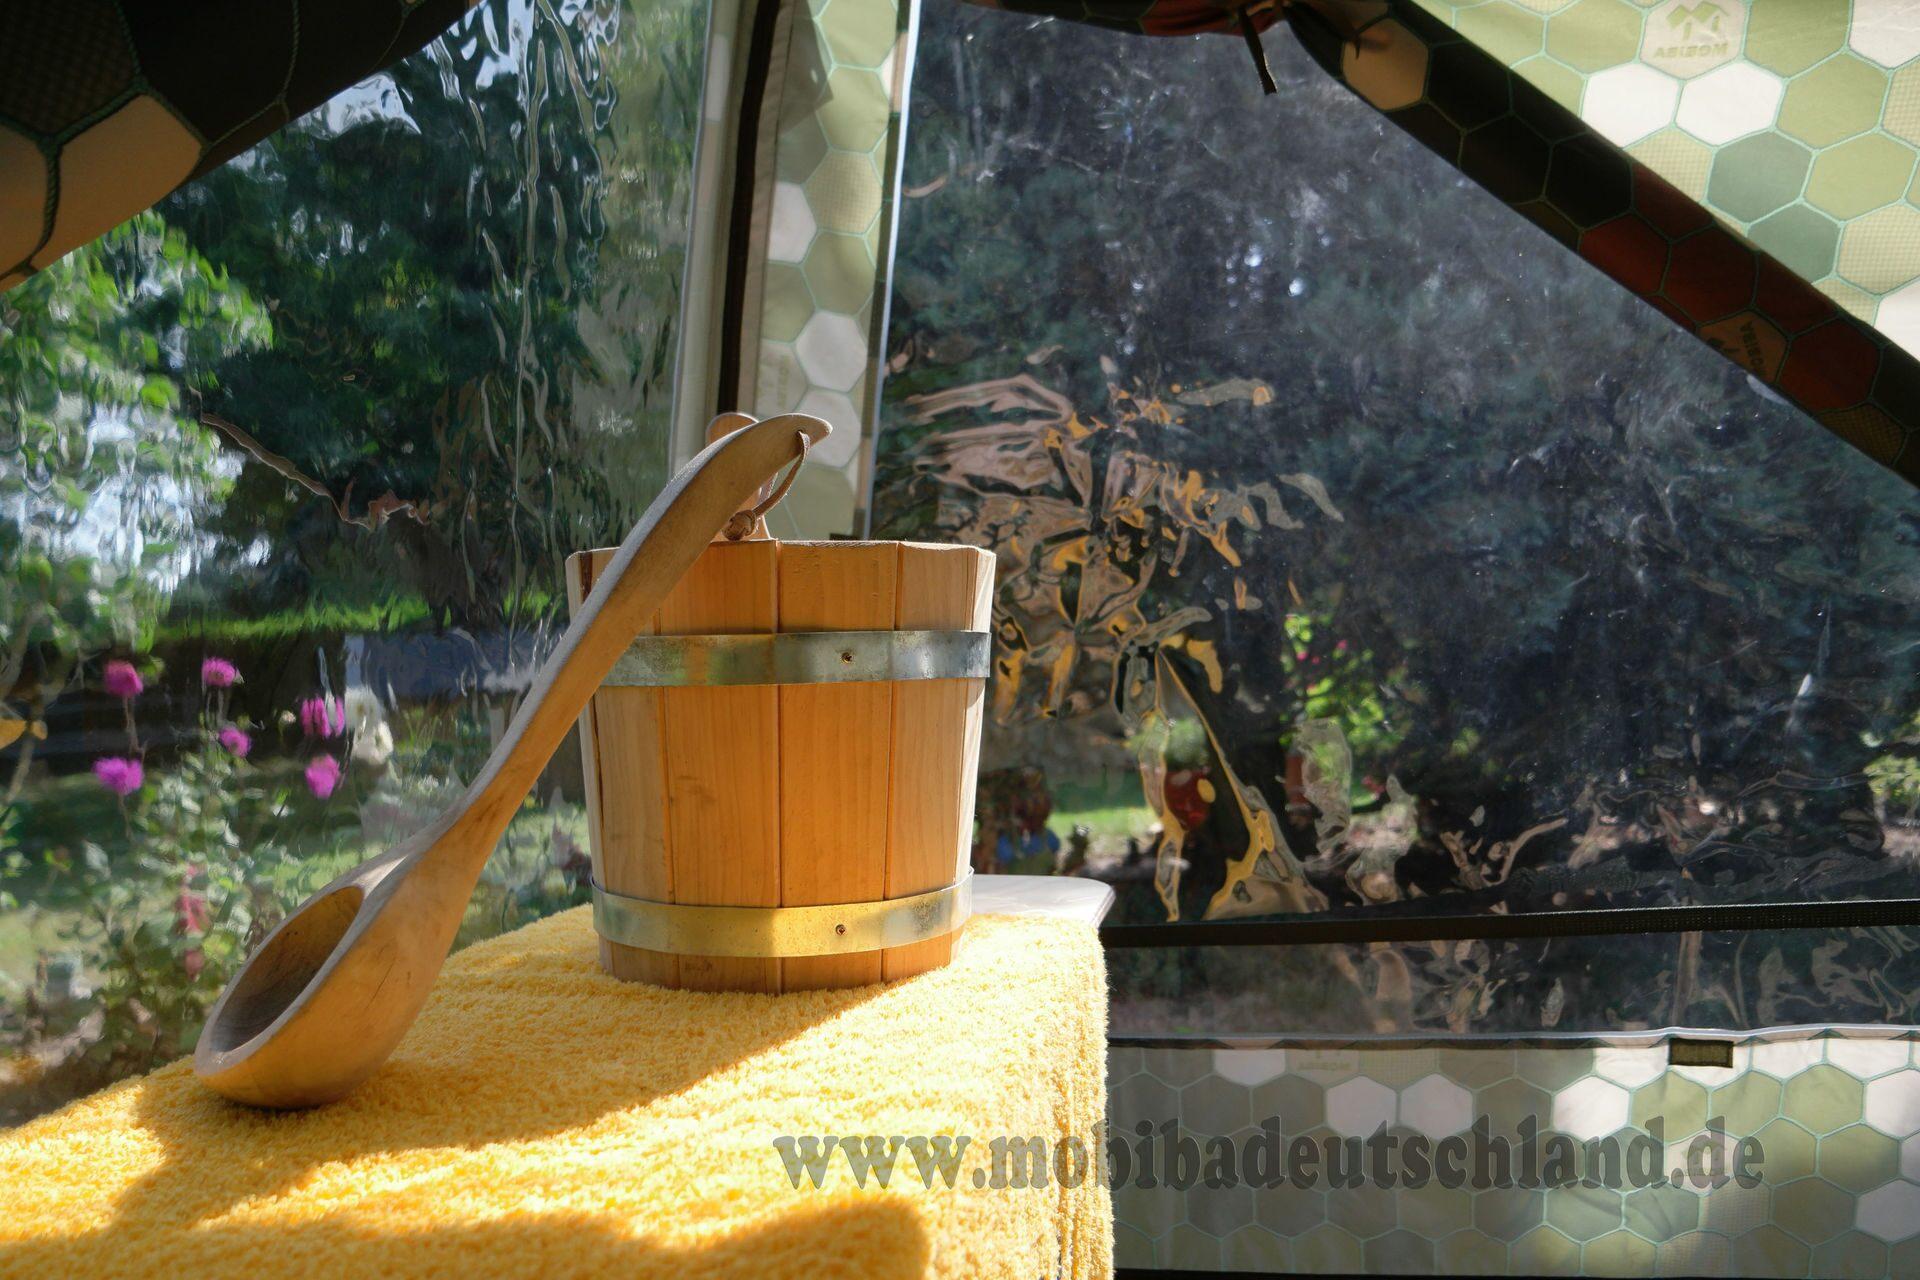 mobiba ihre outdoor sauna mit 2 panoramafenstern. Black Bedroom Furniture Sets. Home Design Ideas